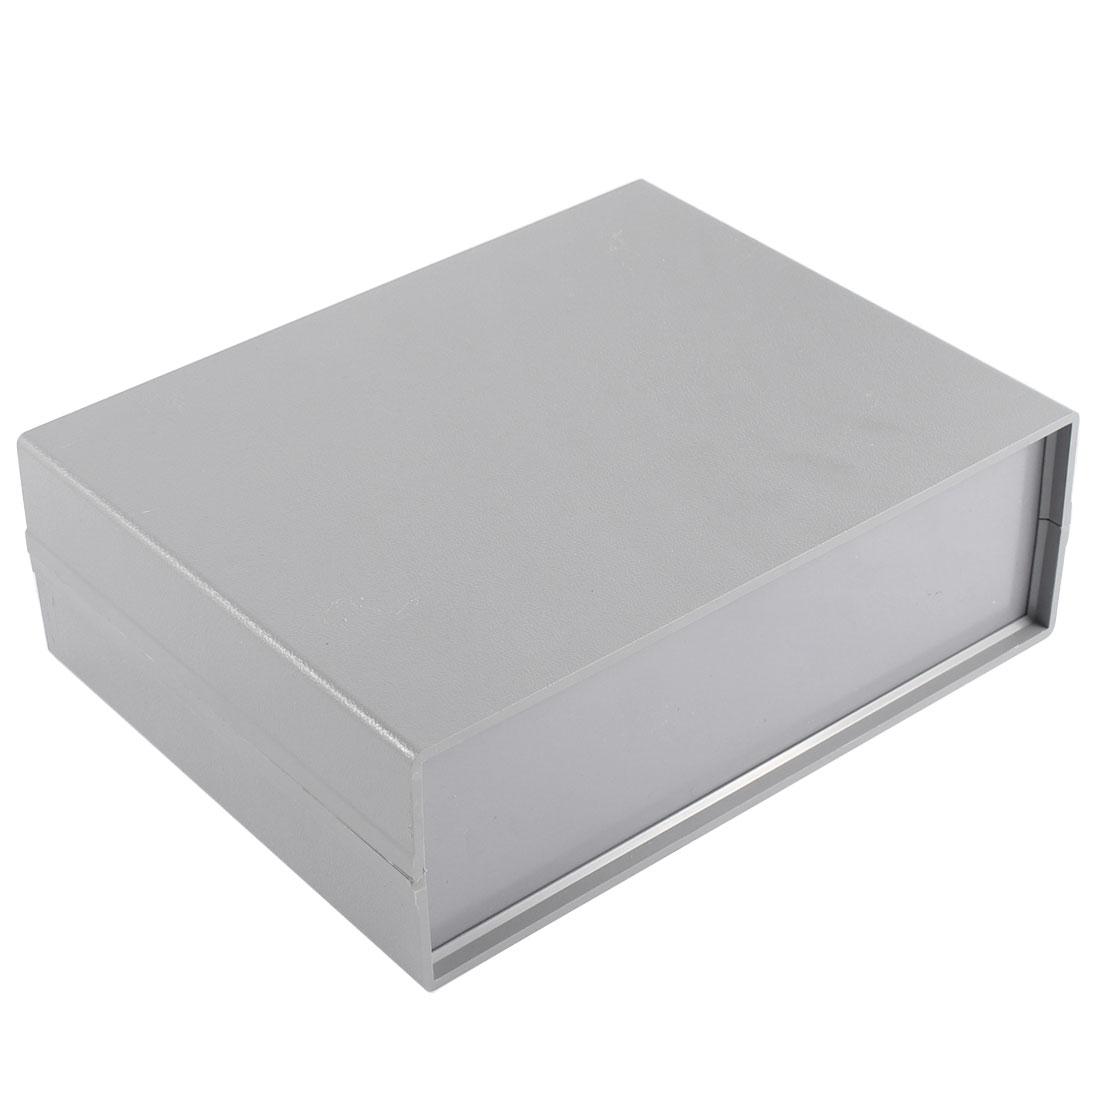 """Plastic Project Junction Box Enclosure Case 7.48"""" x 5.91"""" x 2.52"""""""